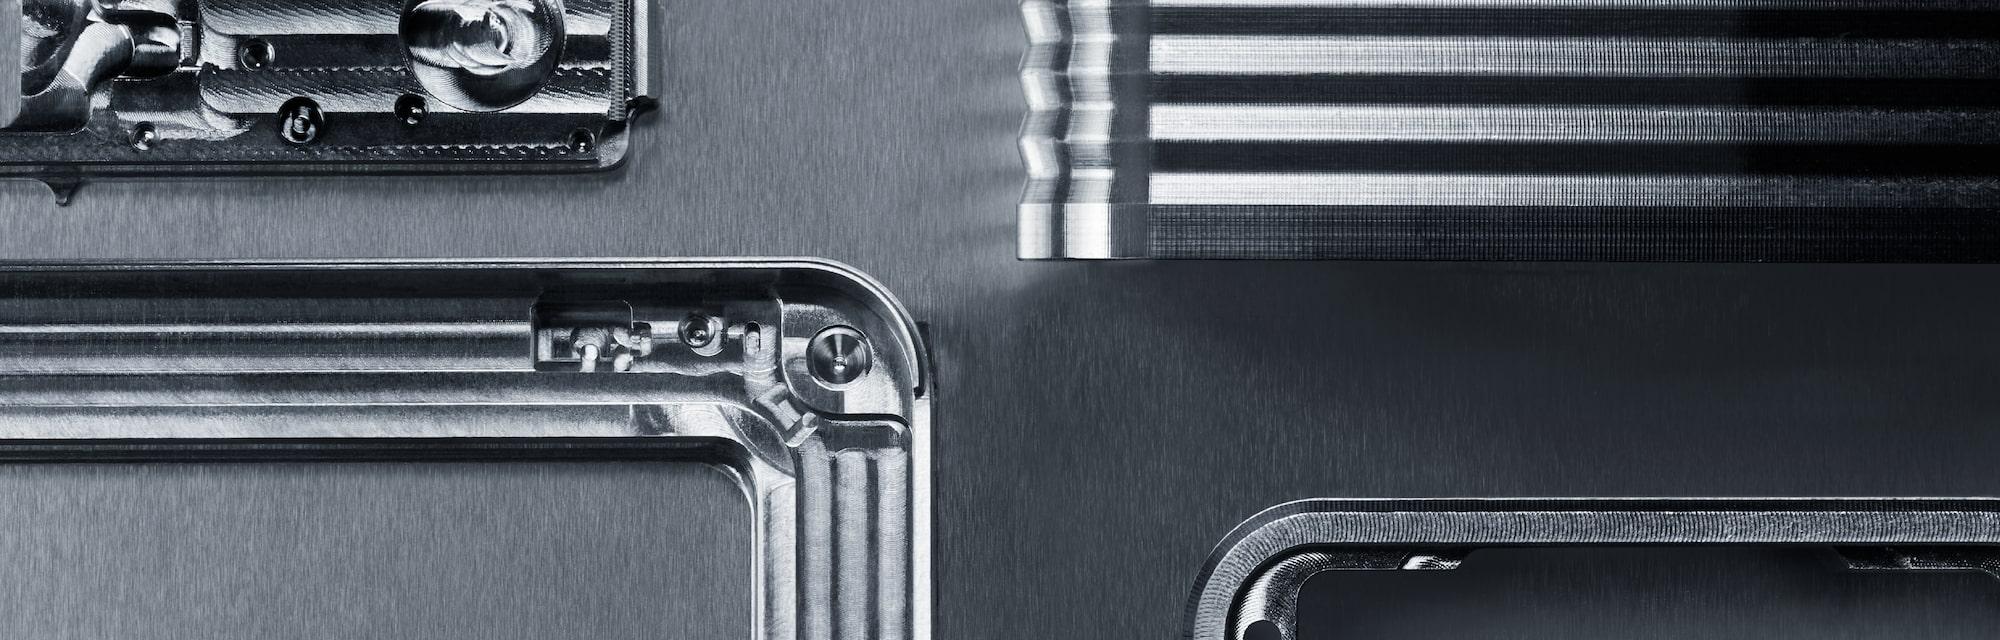 Sony DSC-RX0 Надежная камера на все случаи жизни